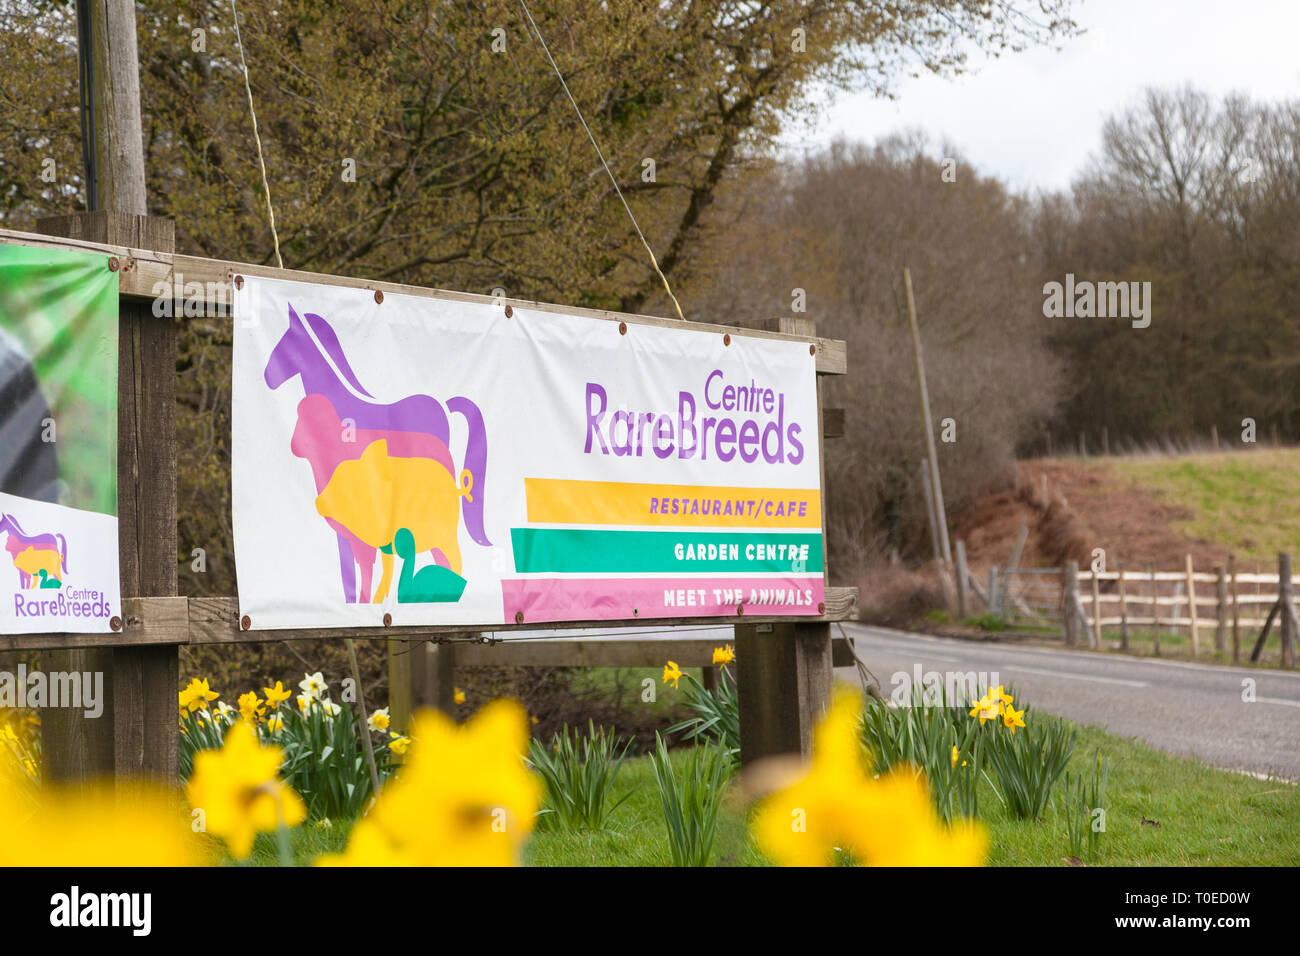 Rare breeds centre sign, woodchurch, kent, uk - Stock Image